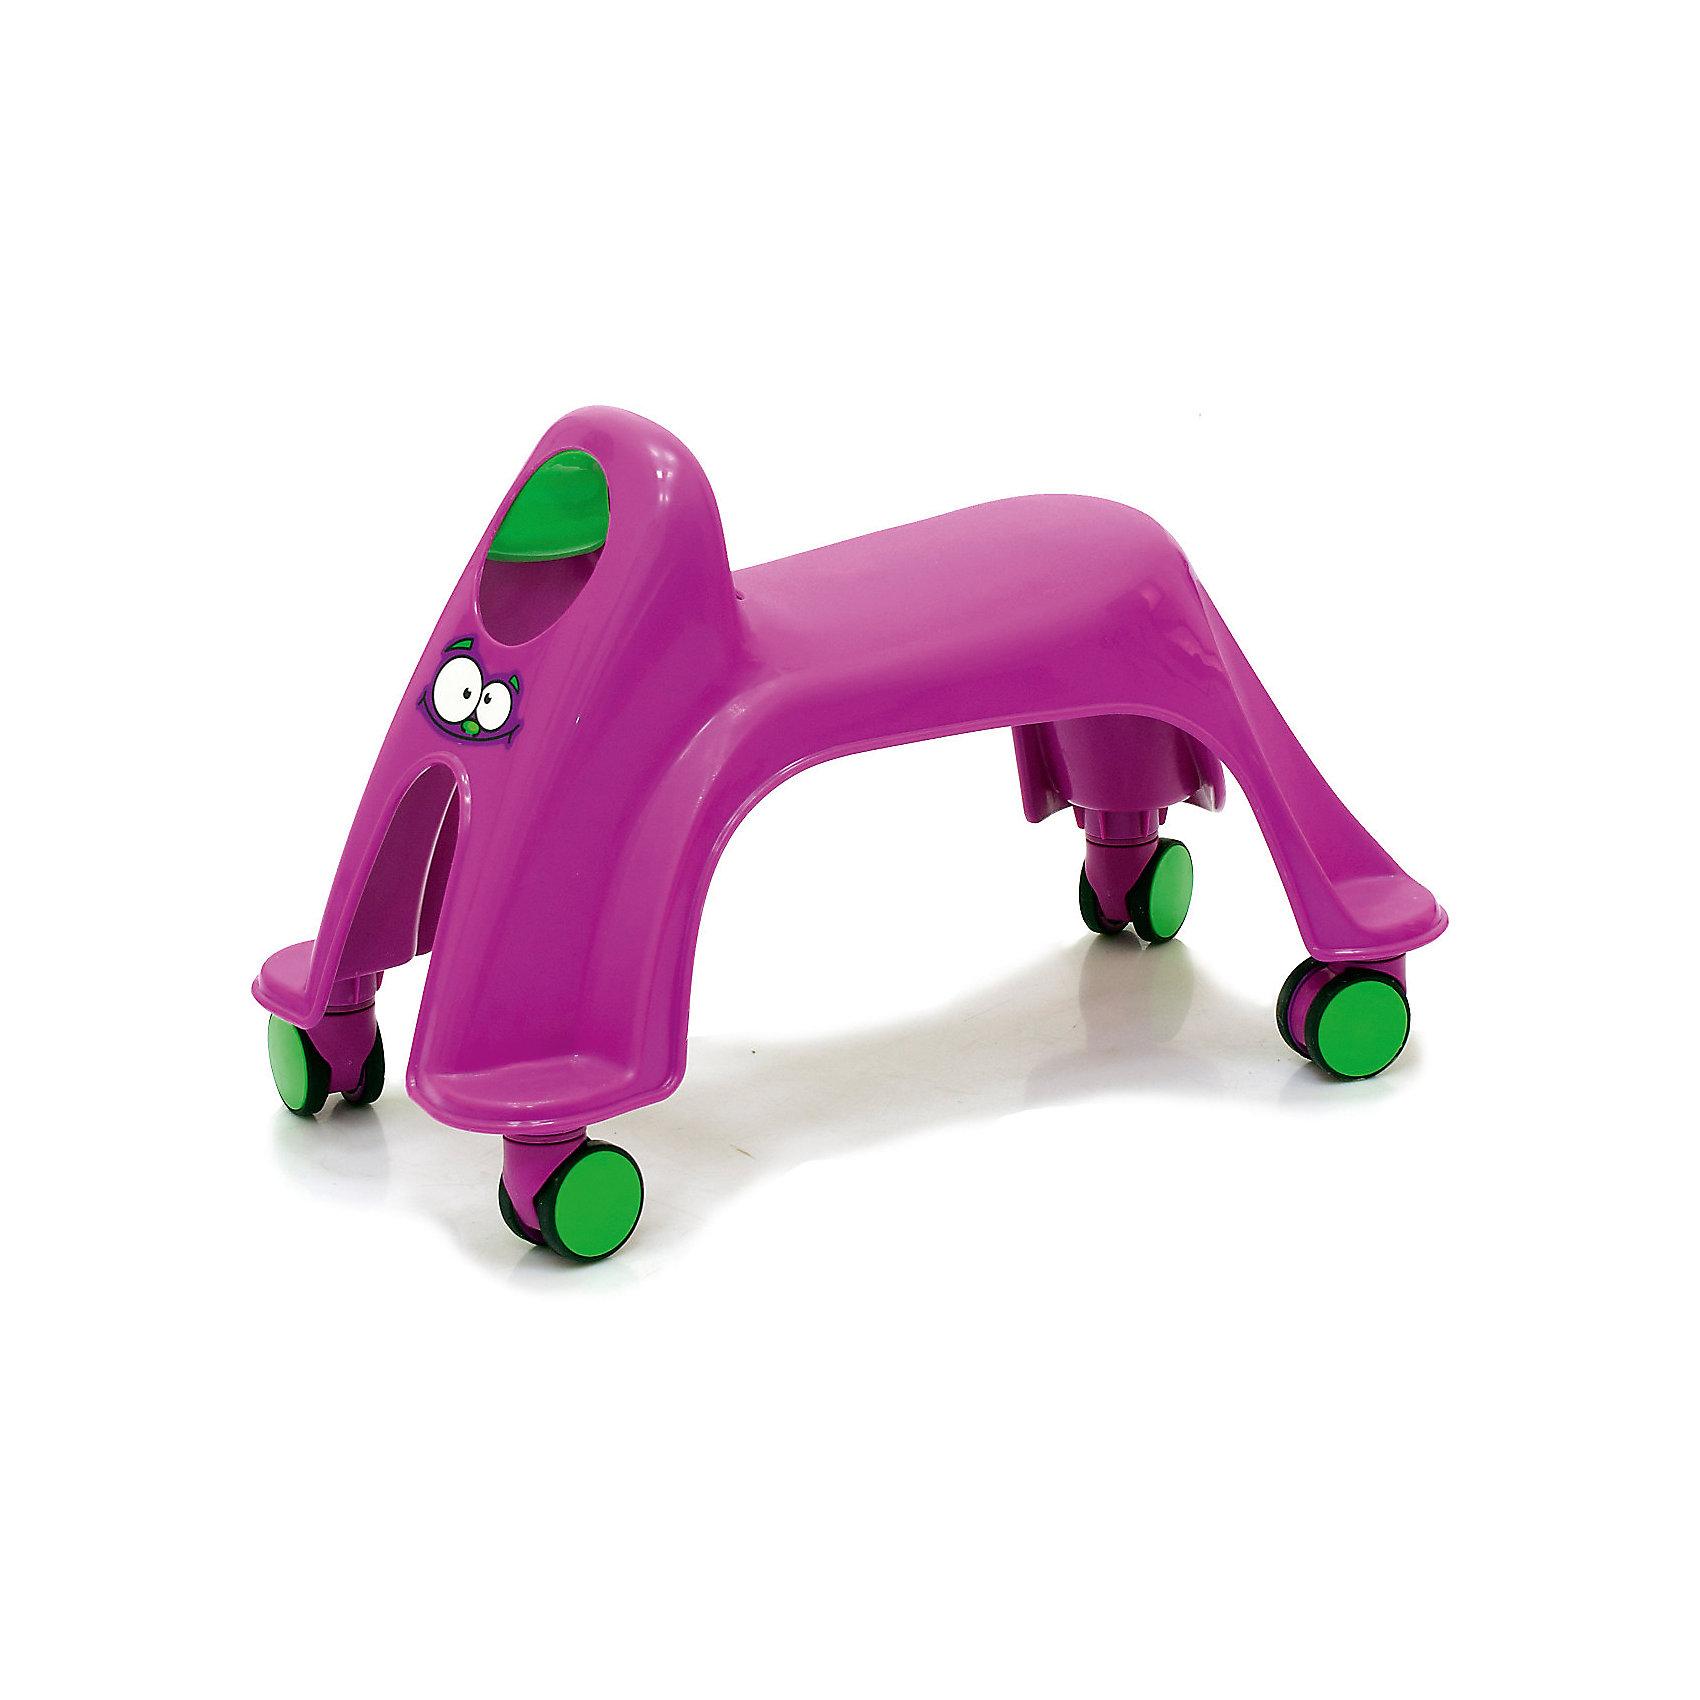 Каталка Smiley Neon Whirlee, фиолетоваяМашинки-каталки<br>Toy Monster Smiley Neon Whirlee - яркая, устойчивая каталка, выполненная таким образом, чтобы быть максимально безопасной и комфортной для малыша. У каталки отсутствуют острые углы и твердые травмоопасные детали. За счет естественной амортизации пластика малышу будет комфортно перемещаться на каталке. Модель не занимает много места, несколько каталок можно хранить пирамидкой. Яркая расцветка и оригинальный дизайн обязательно привлекут внимание малыша и подарят ему много положительных эмоций и улыбок. Каталка выполнена из прочных высококачественных материалов безопасных для детей.<br><br>Дополнительная информация:<br><br>- Материал: пластик.<br>- Размер: 44 х 29 х 22 см.<br>- Размер сиденья: 14 х 20 см.<br>- Цвет: фиолетовый.<br>- Максимальный вес ребенка: 27 кг<br><br>Каталку  Smiley Neon Whirlee, фиолетовую, можно купить в нашем магазине.<br><br>Ширина мм: 440<br>Глубина мм: 290<br>Высота мм: 220<br>Вес г: 1500<br>Возраст от месяцев: 12<br>Возраст до месяцев: 36<br>Пол: Унисекс<br>Возраст: Детский<br>SKU: 5576876